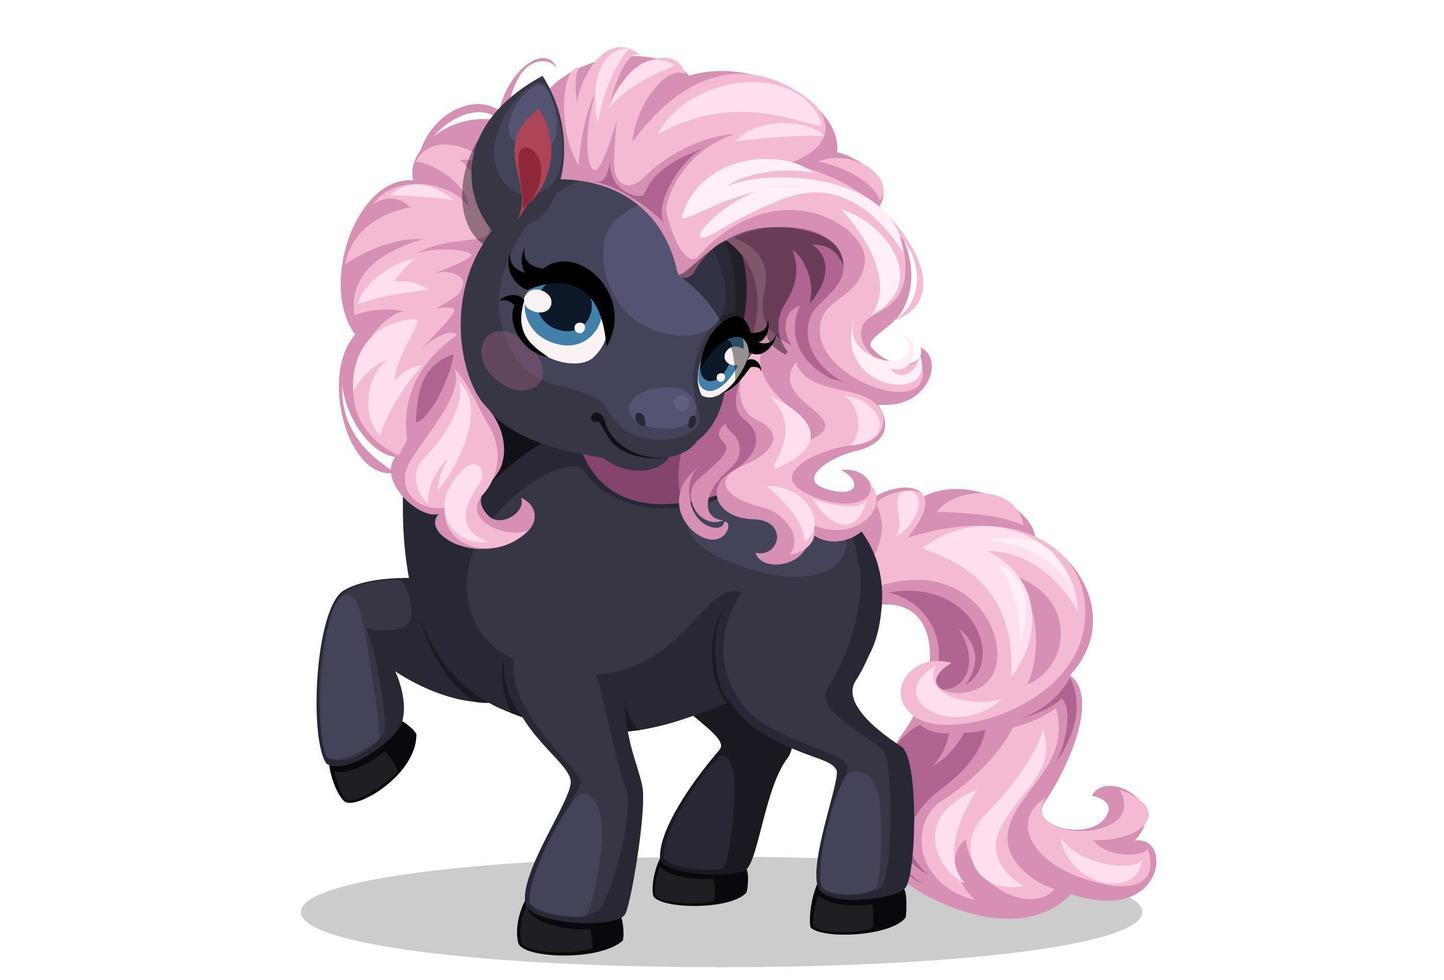 söt svart och rosa liten ponny vektor